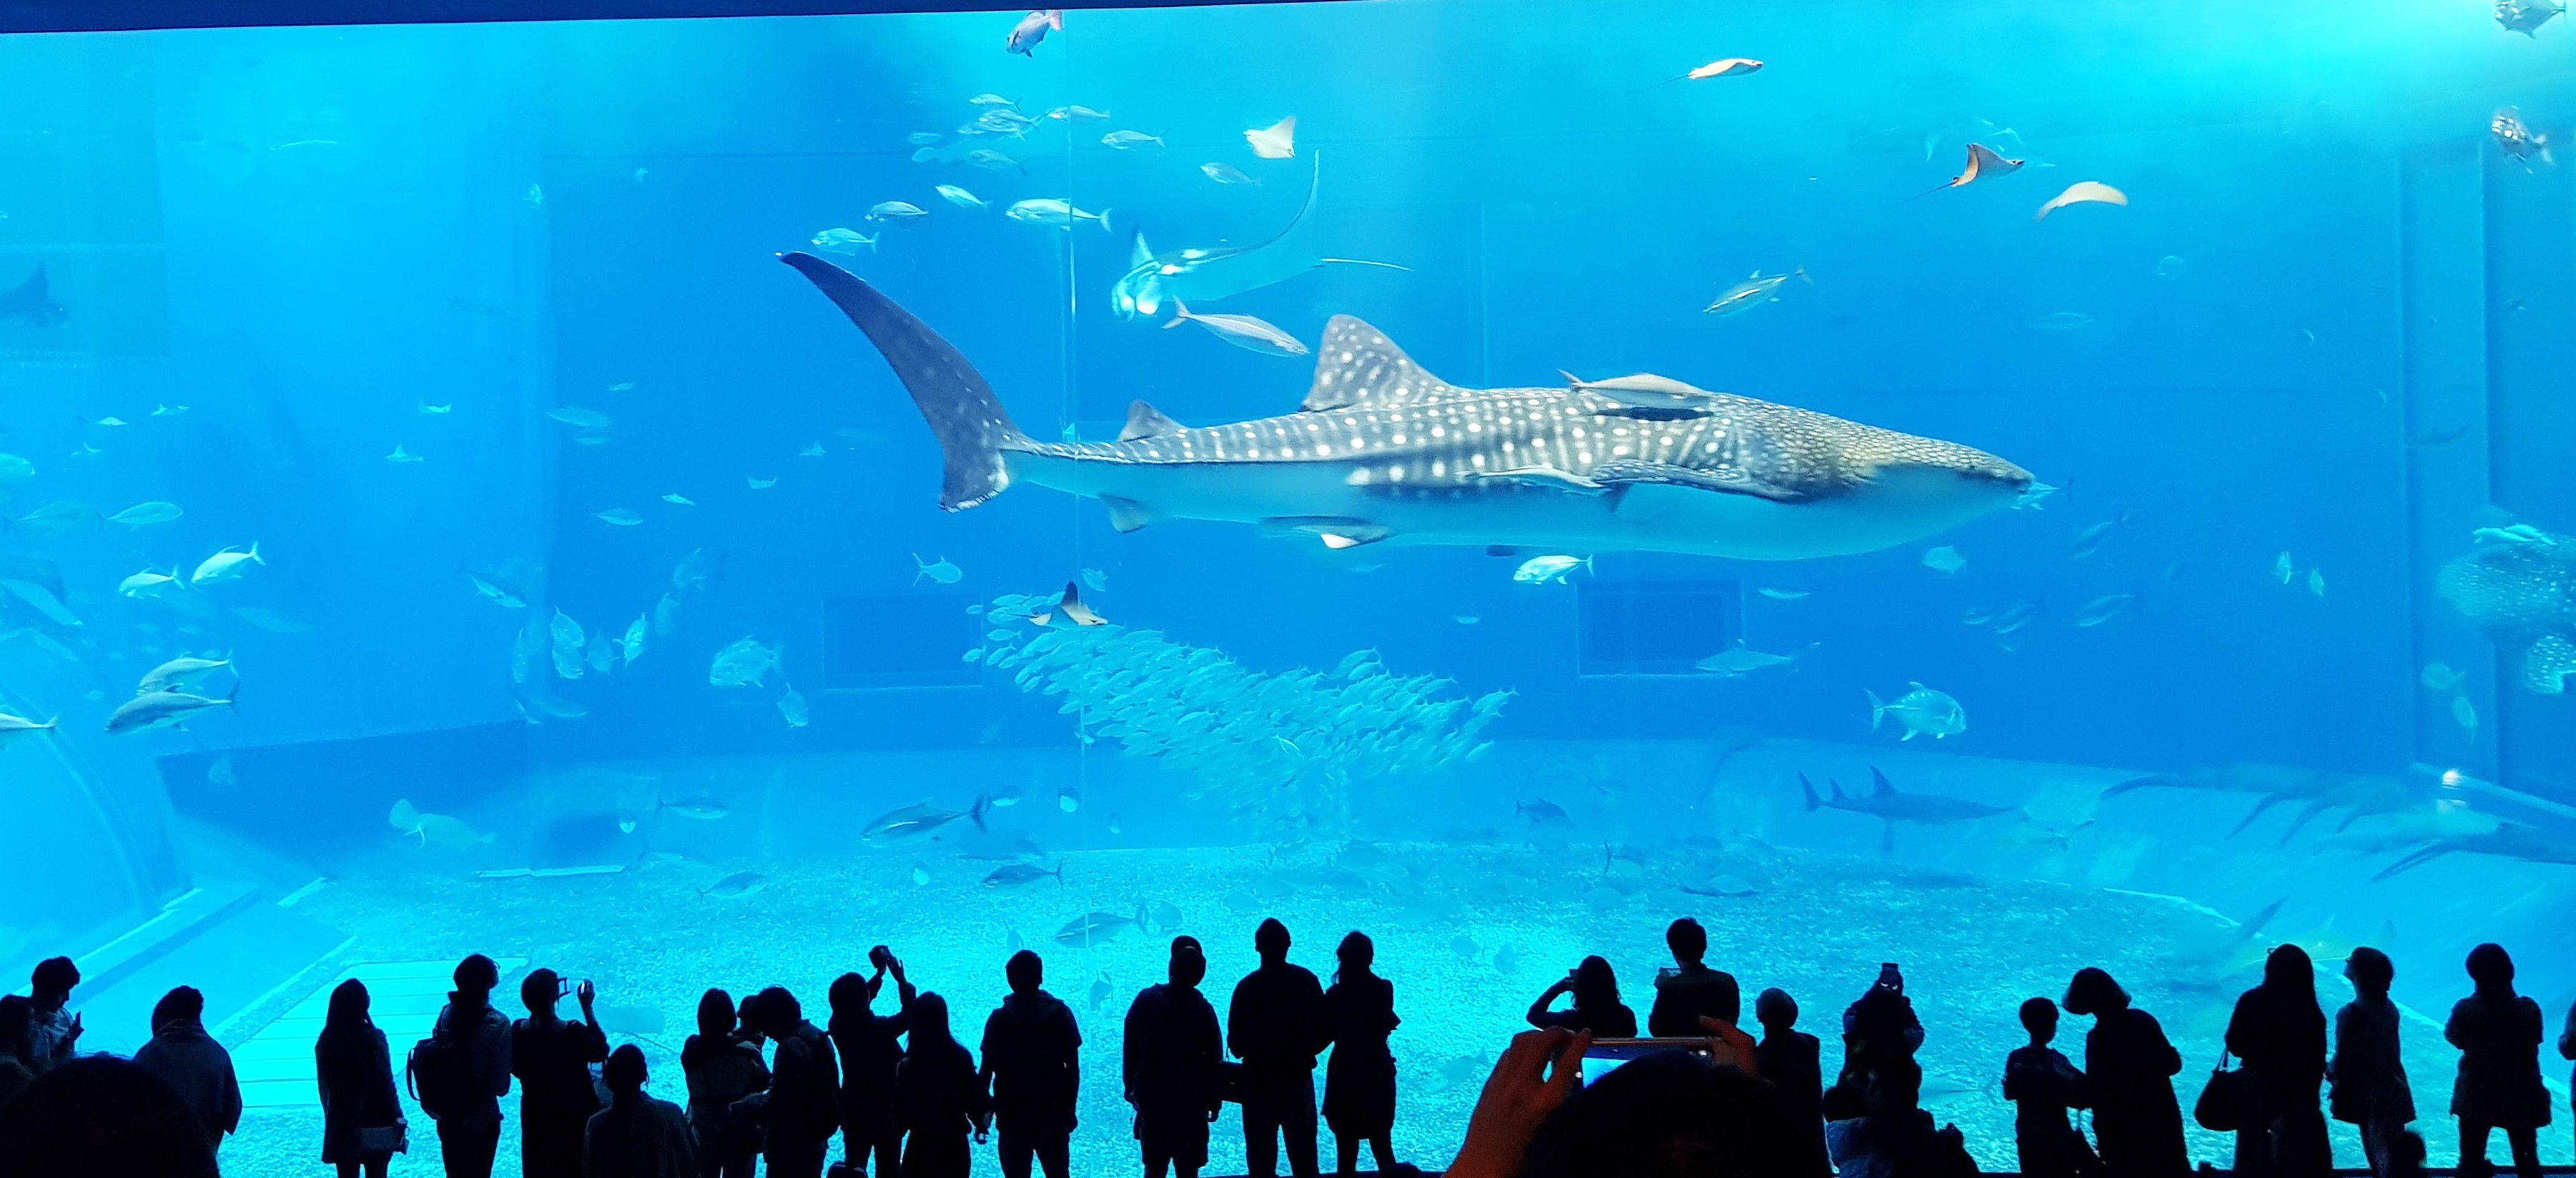 พิพิธภัณฑ์สัตว์น้ำชูราอุมิ (Okinawa Churaumi Aquarium)